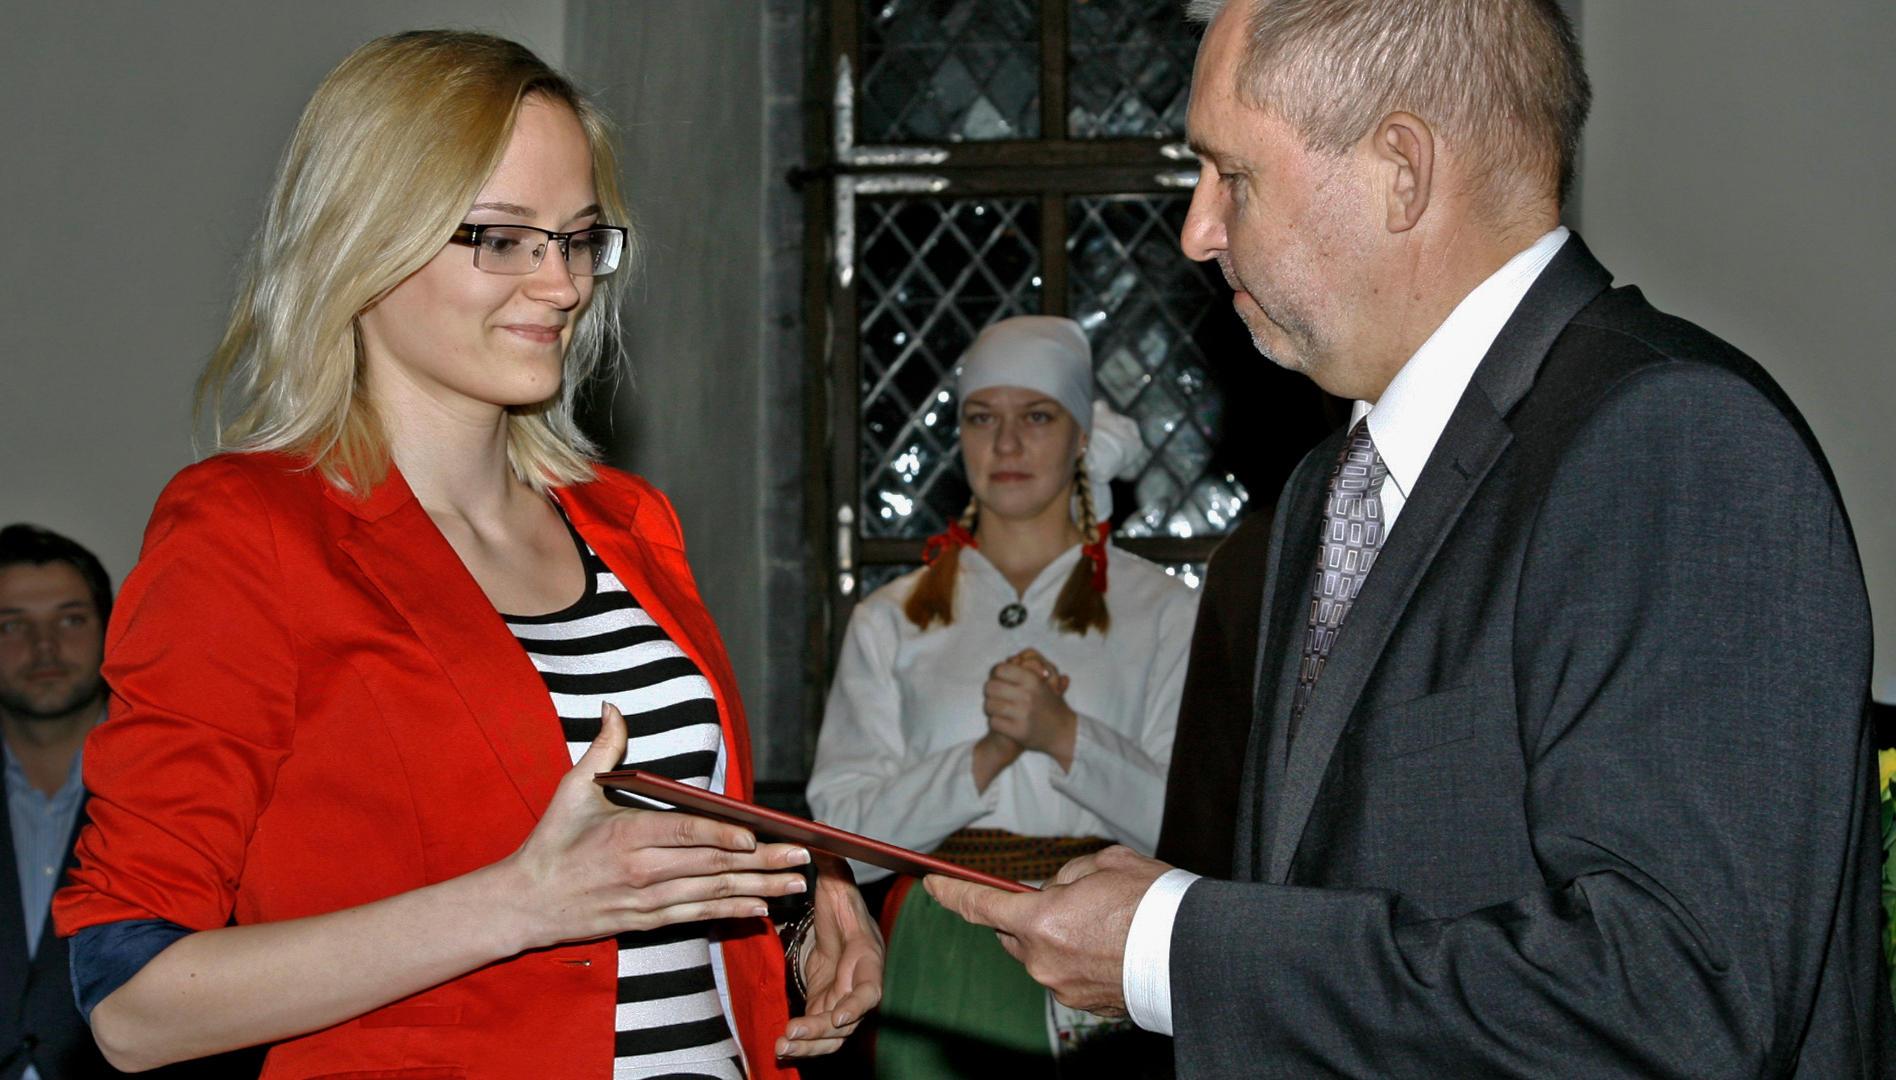 Mari Liis Sillat 2012